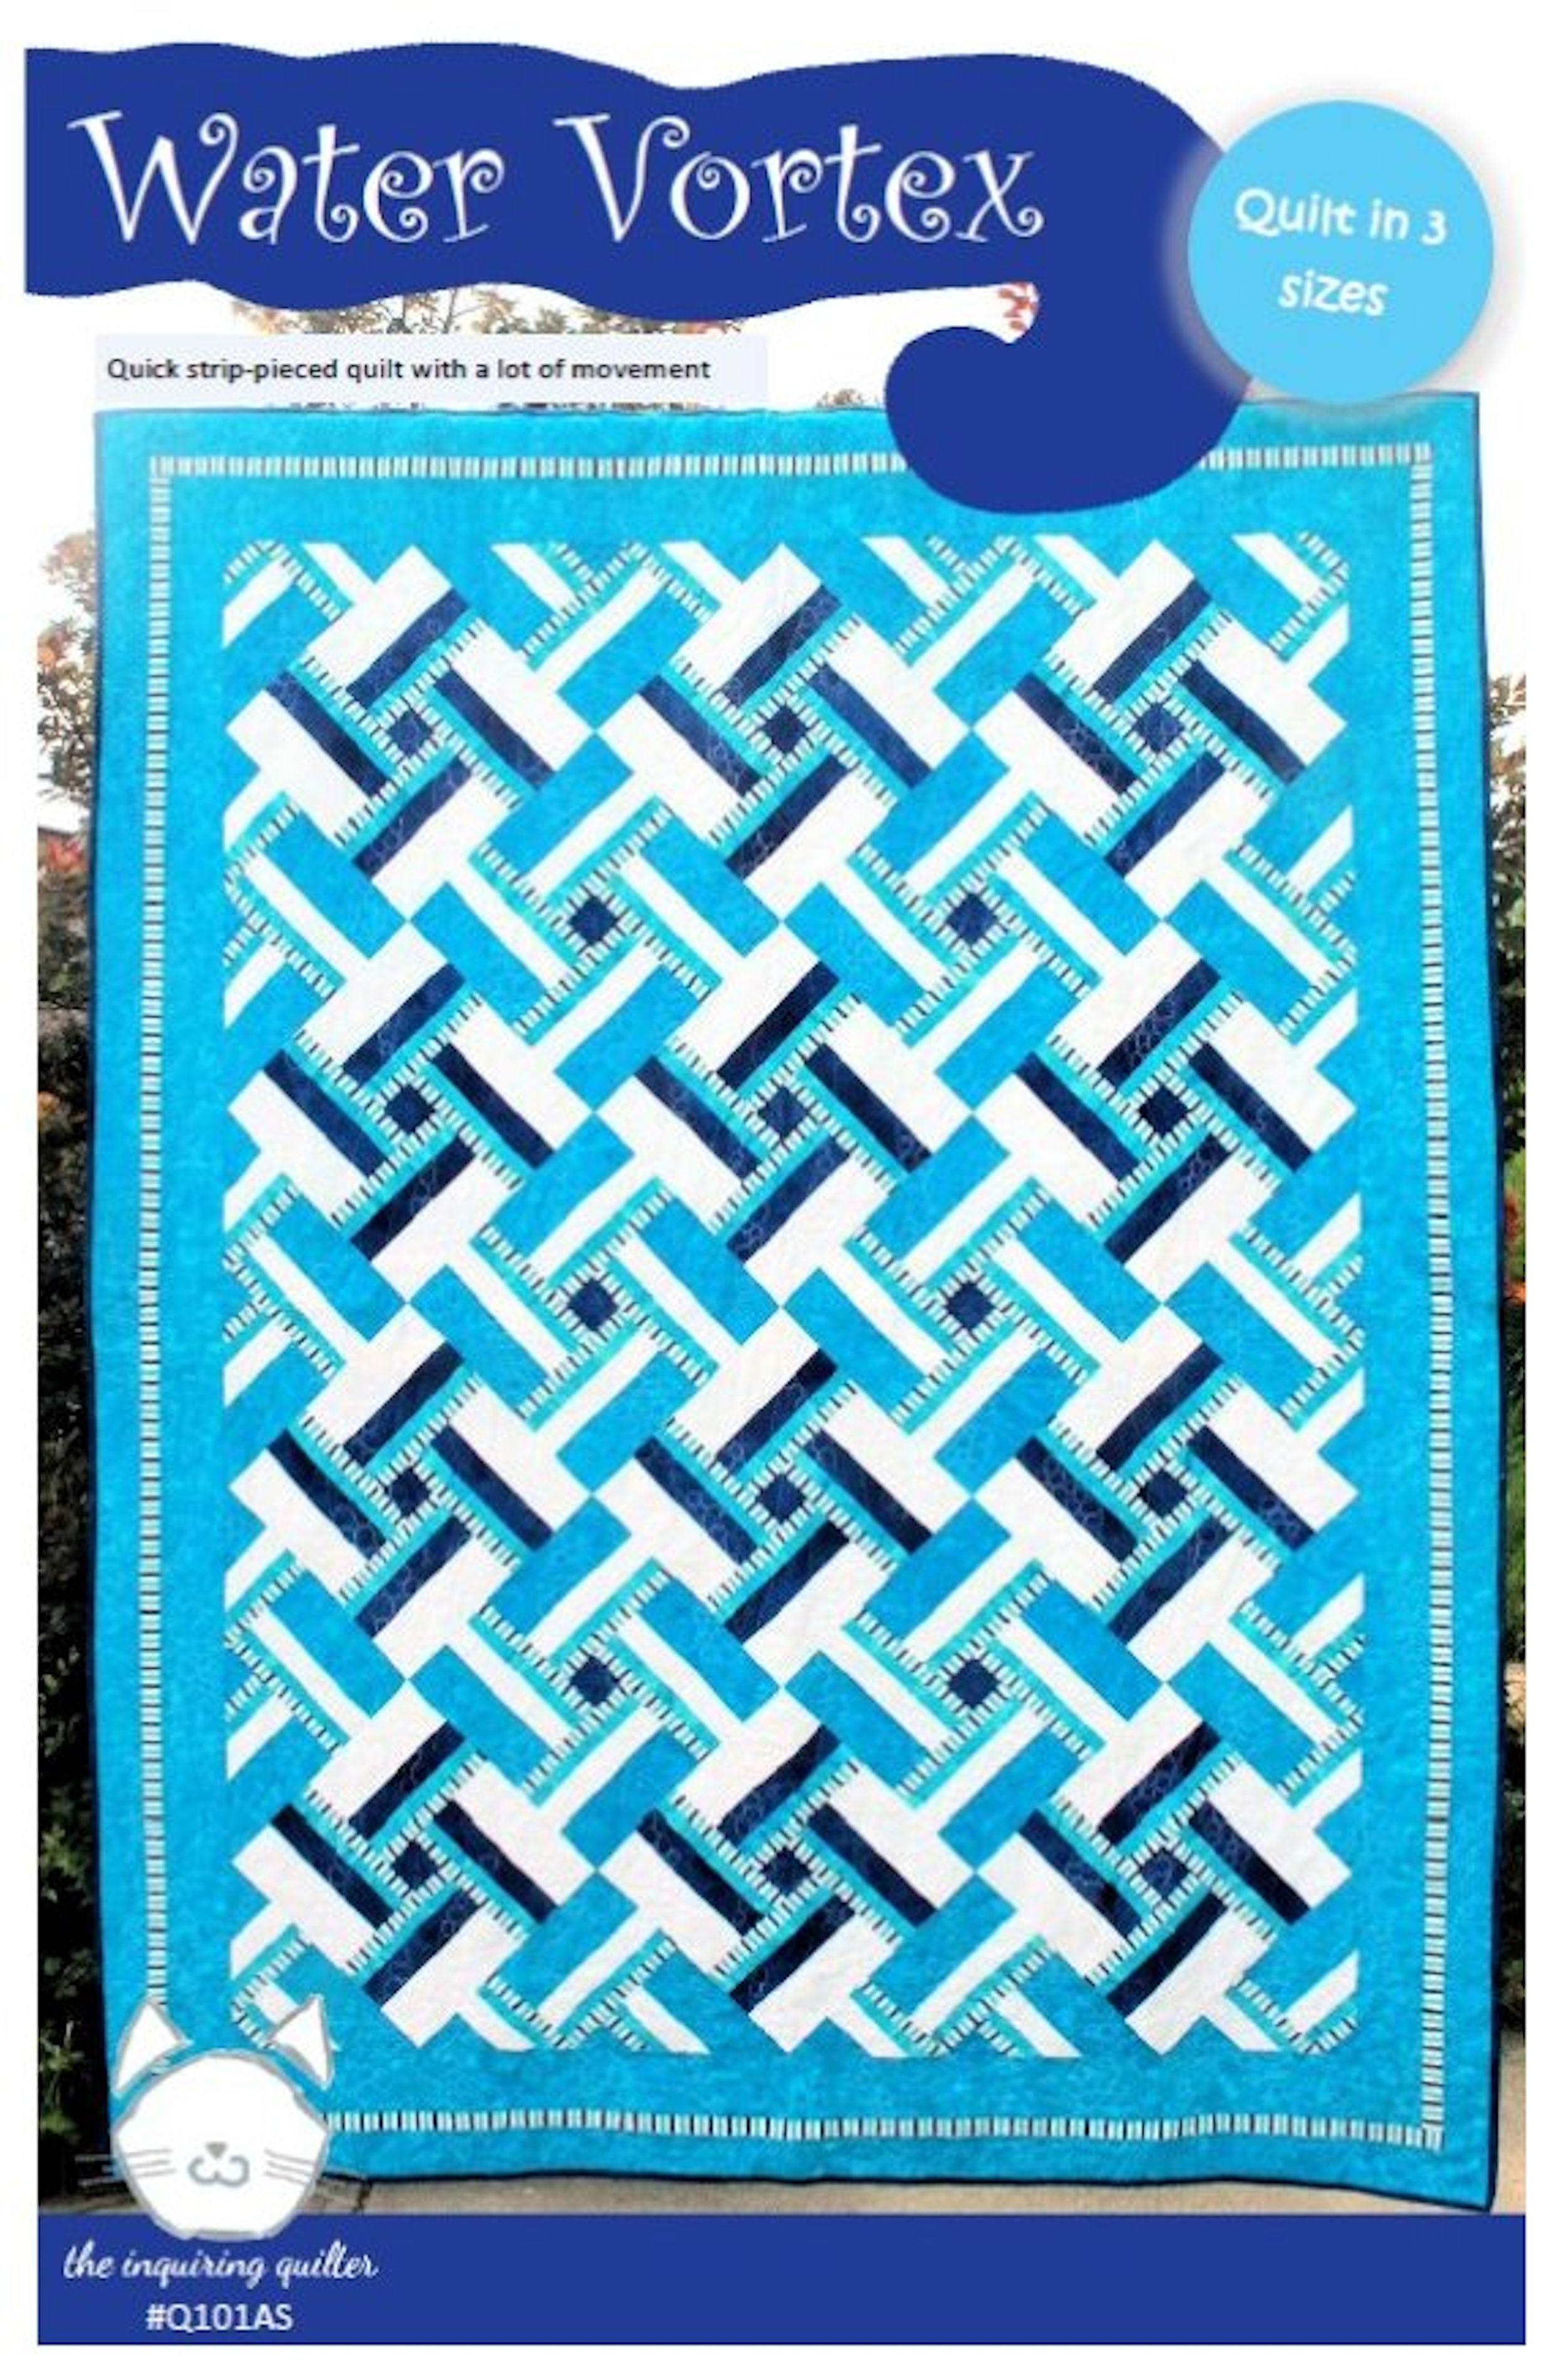 Water Vortex Cover Front checker.jpg